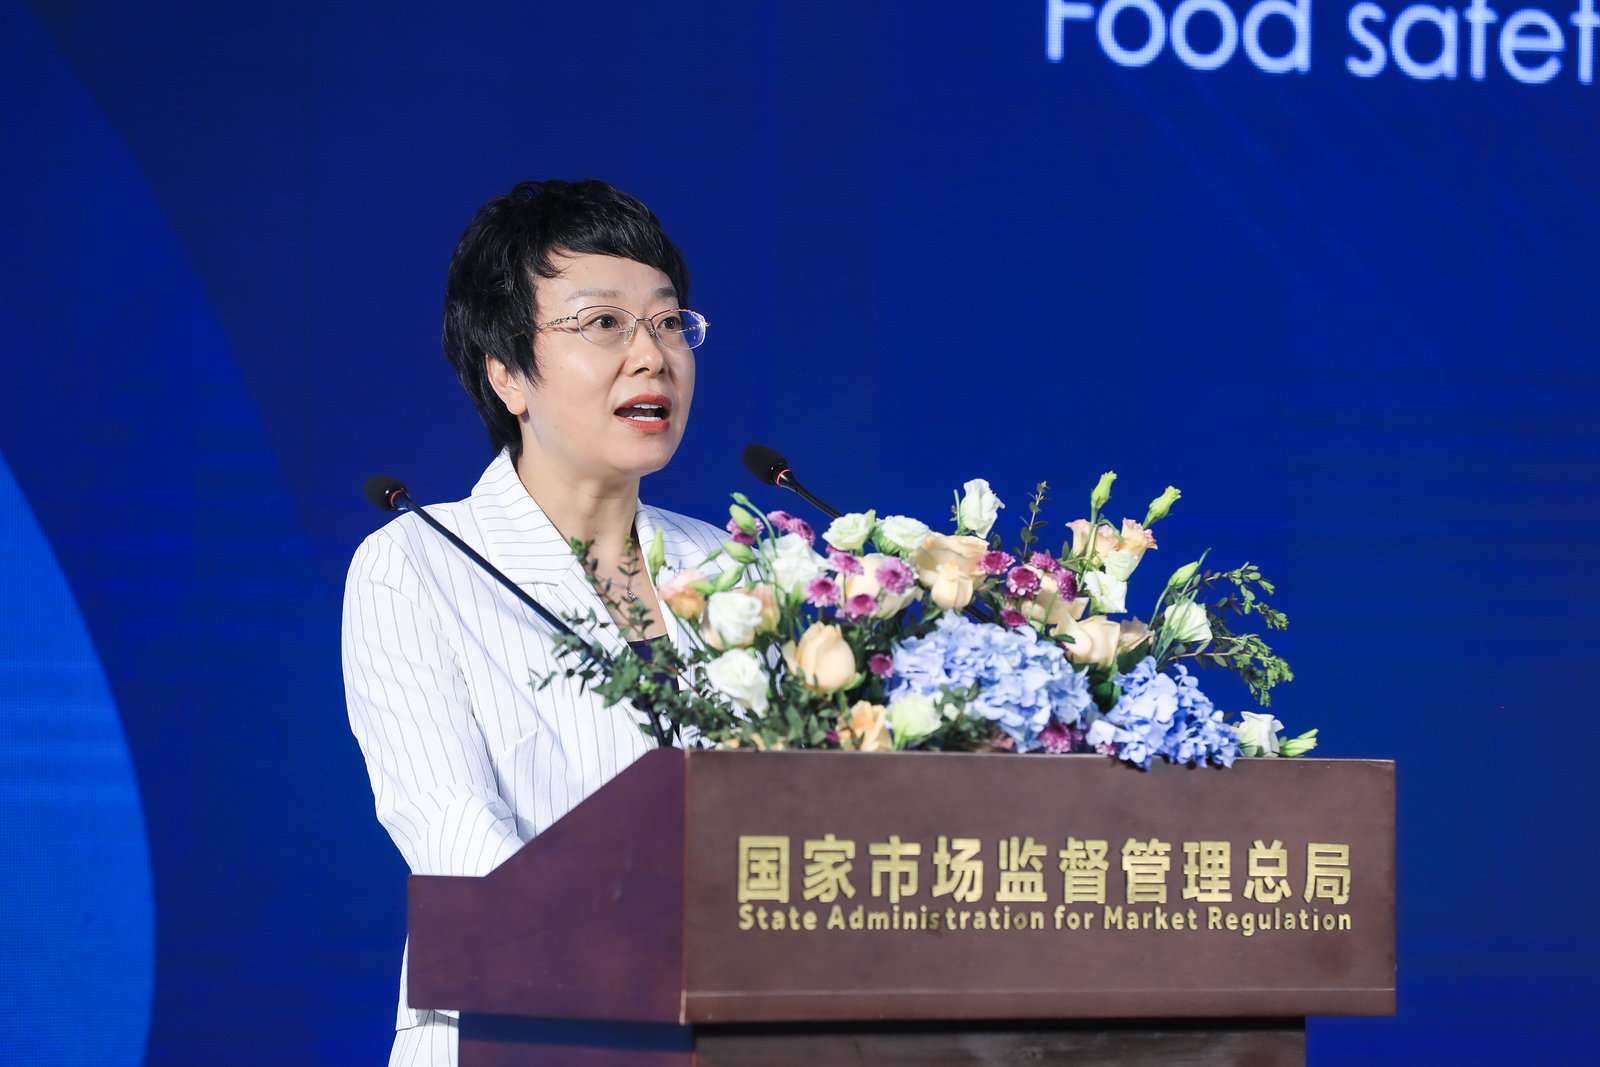 市场监管总局新闻司副司长王秋苹:唱响大合唱 传播正能量